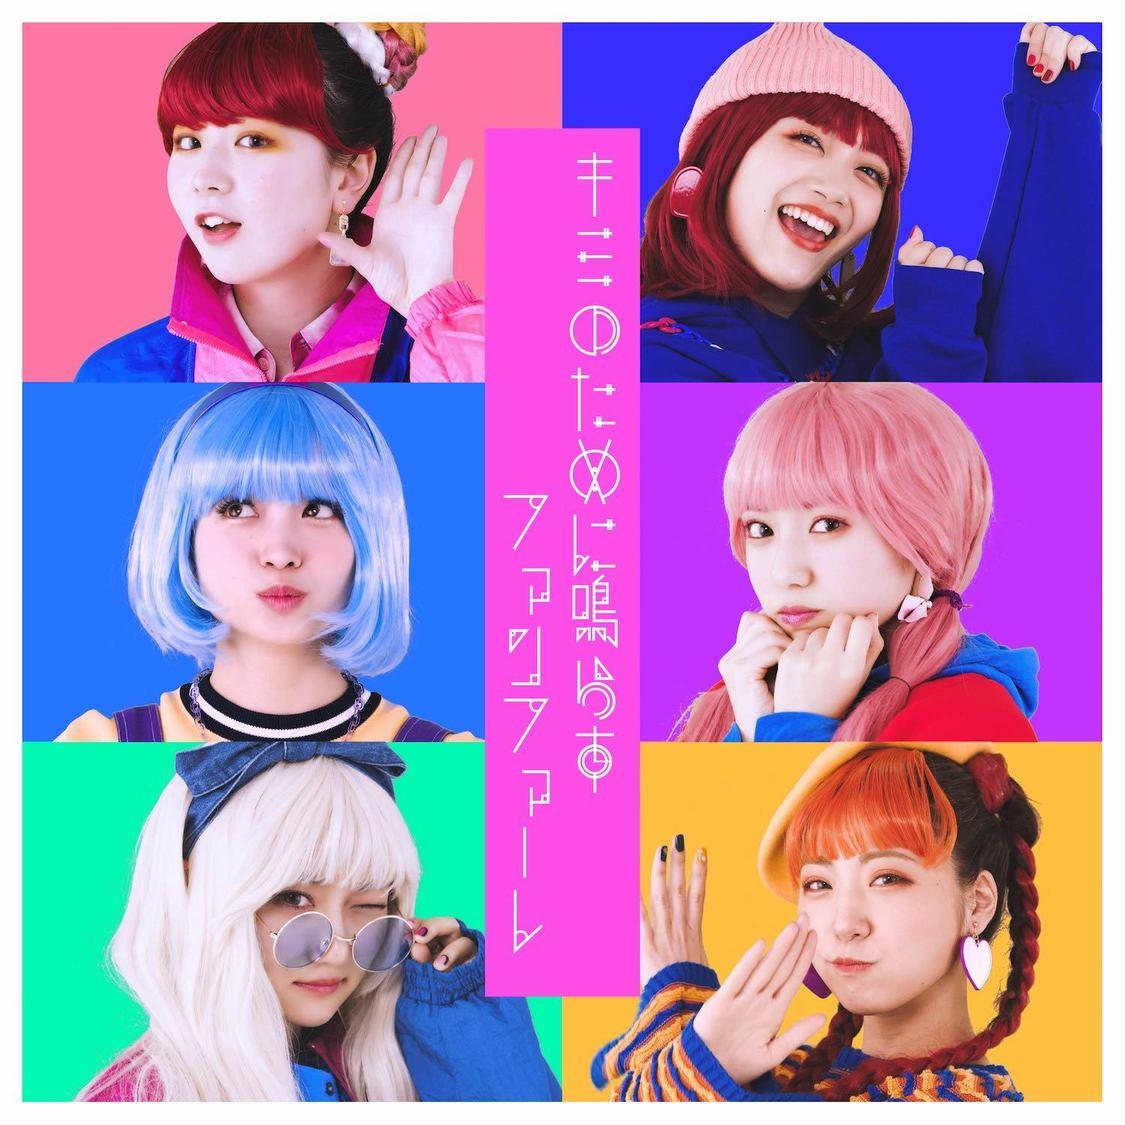 かみやど、新曲「キミのために鳴らすファンファーレ」MV公開! 追加型ミニAL『HRGN FINAL』収録